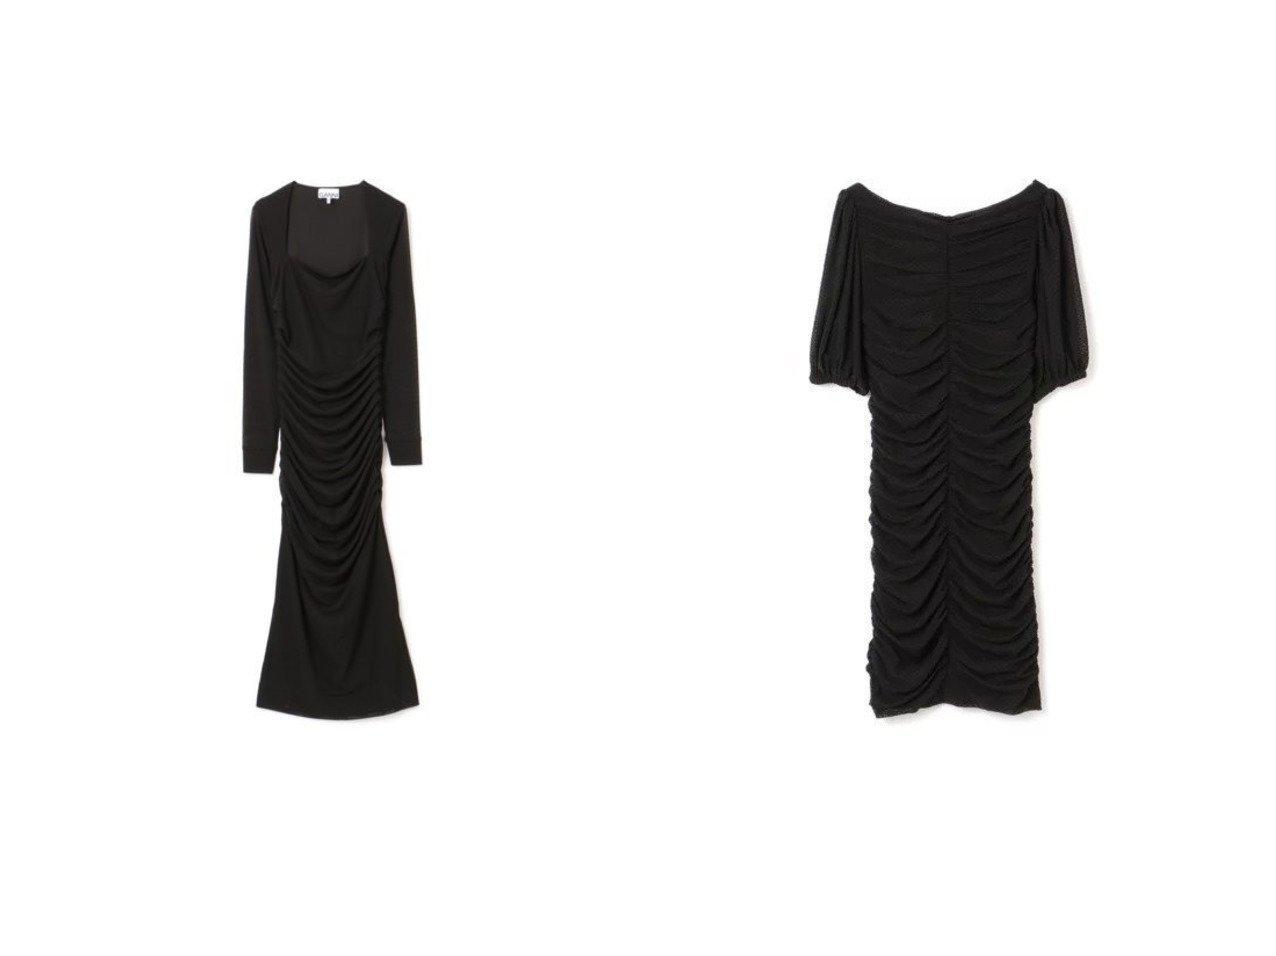 【GANNI/ガニー】のDotted Mesh Dress&Dotted Mesh Dress ワンピース・ドレスのおすすめ!人気トレンド・レディースファッションの通販  おすすめで人気のファッション通販商品 インテリア・家具・キッズファッション・メンズファッション・レディースファッション・服の通販 founy(ファニー) https://founy.com/ ファッション Fashion レディースファッション WOMEN ワンピース Dress ドレス Party Dresses デコルテ ドット ドレス ドレープ フォーマル メッシュ ラウンド 半袖 フェミニン マキシ 長袖 |ID:crp329100000007800